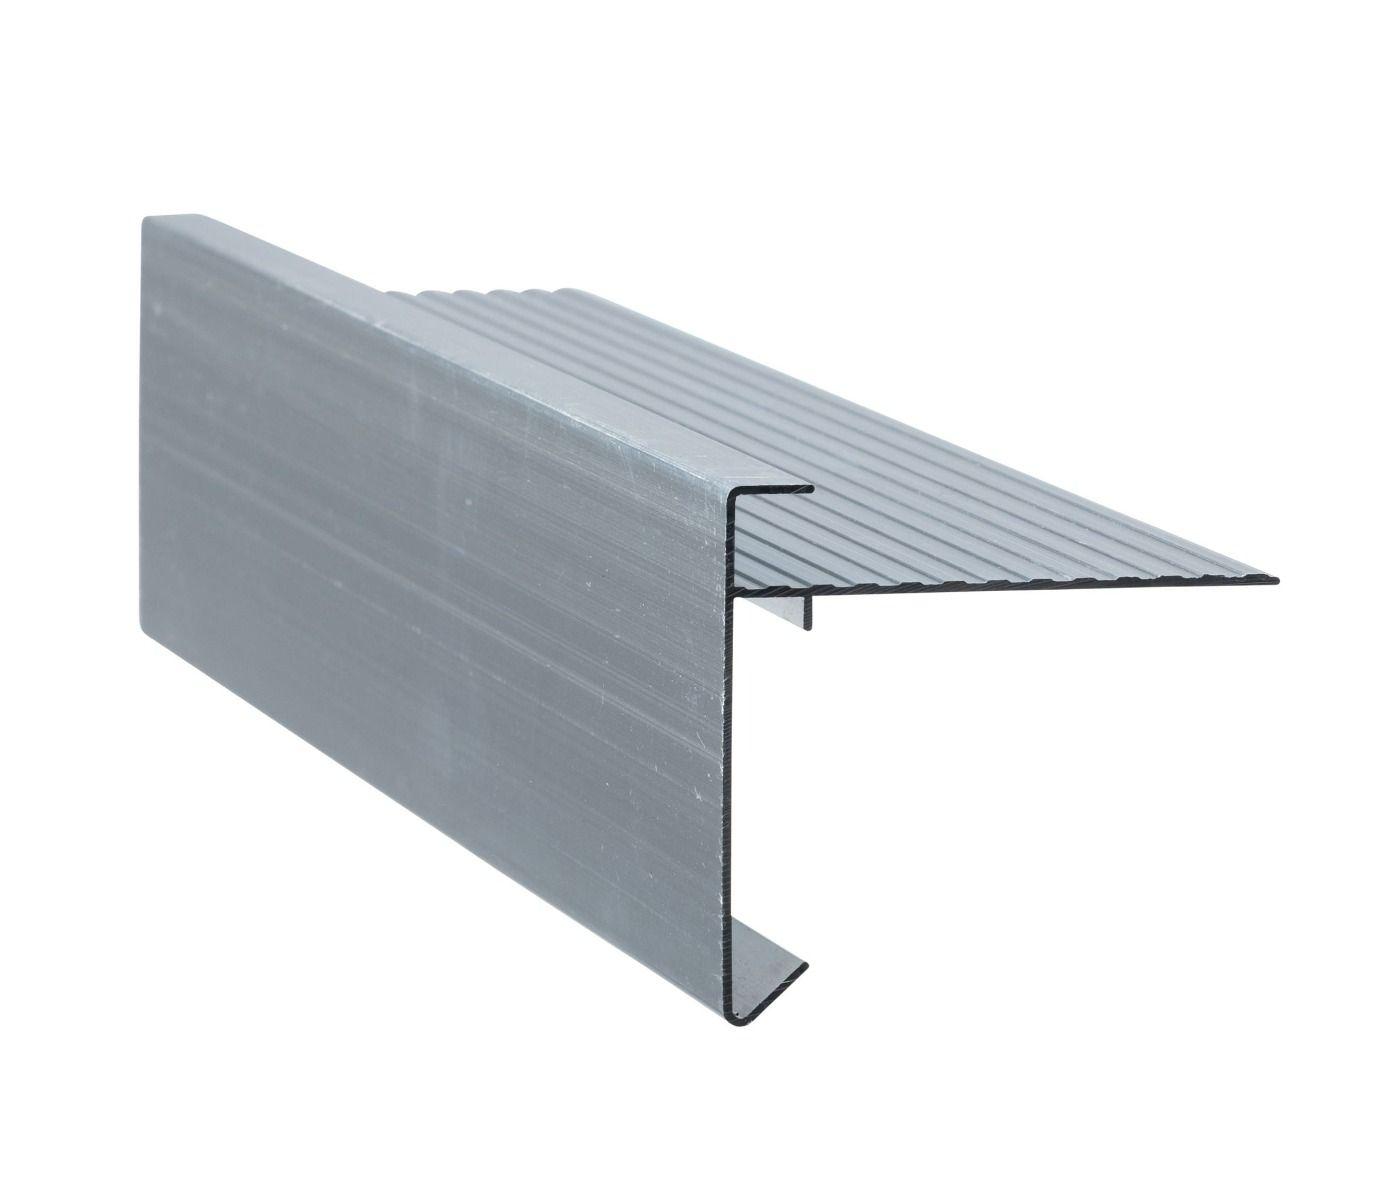 Aluminium Daktrim | Standaard | Lengte 250 cm | Brute